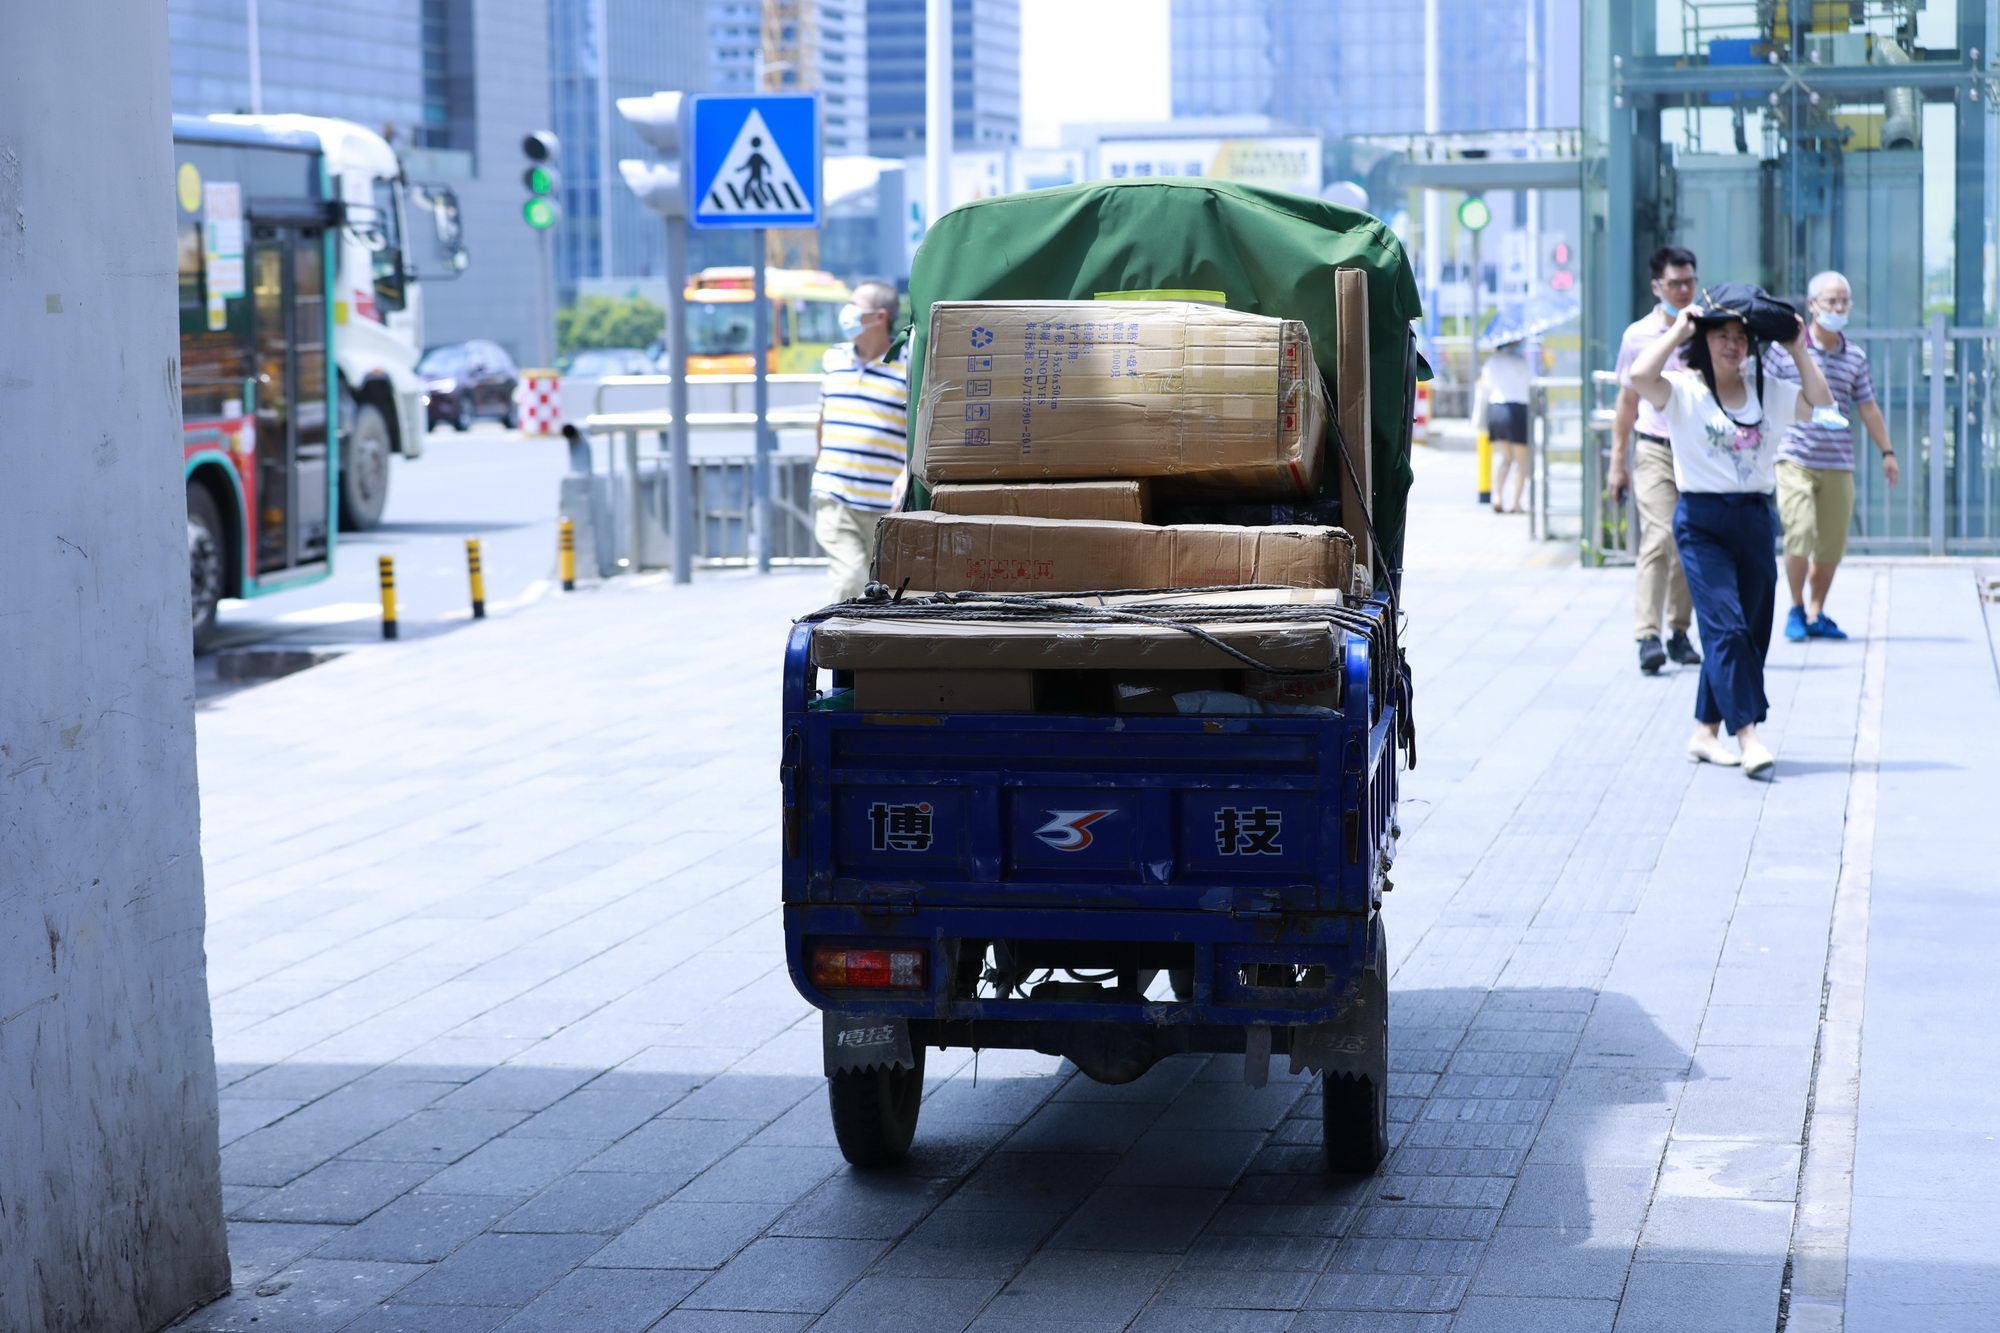 重庆成立国内首家无人智能物流发展联盟